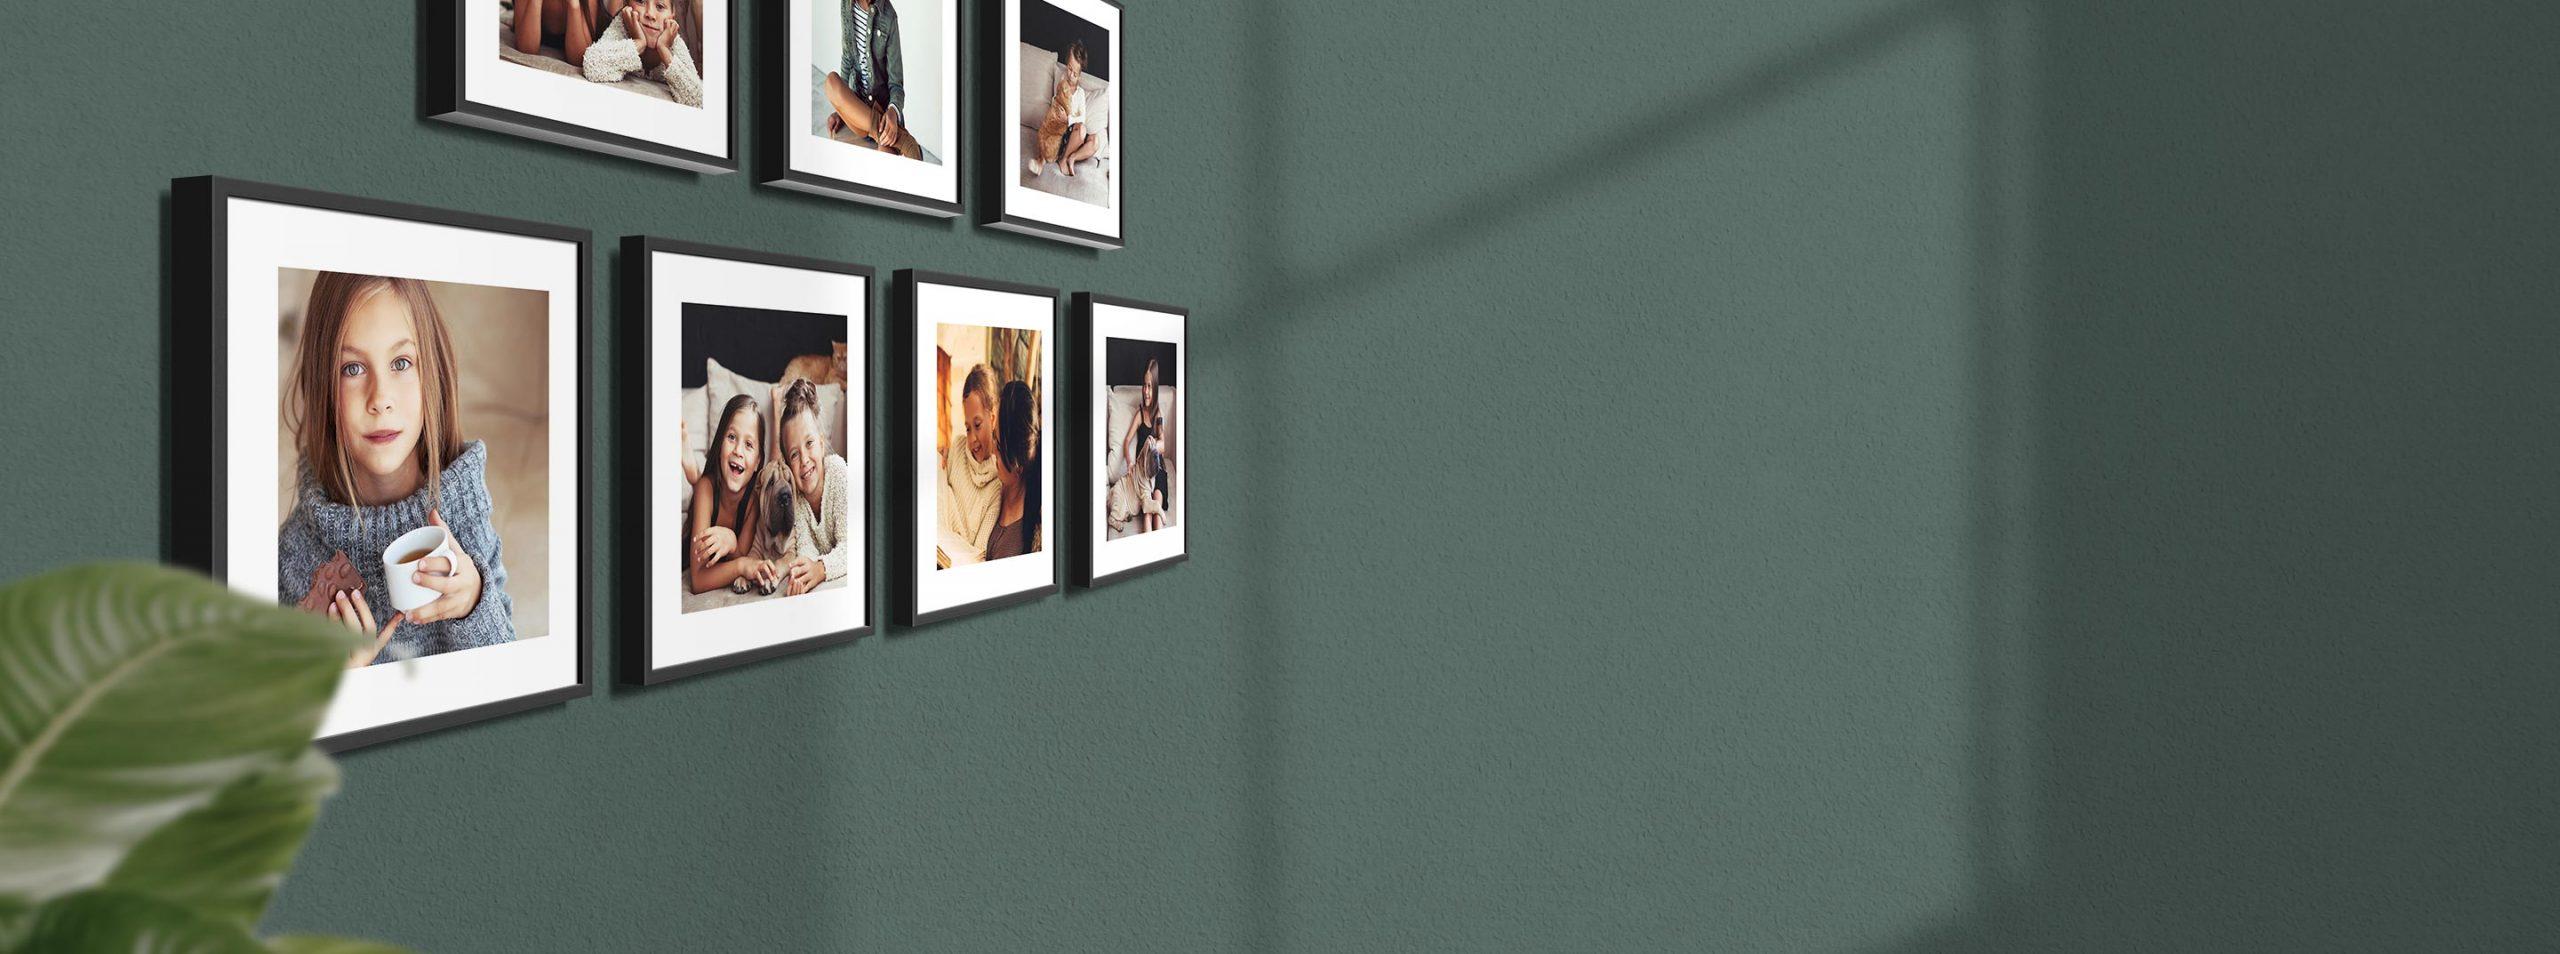 לופה בריבוע - גלריית אומנות בבית